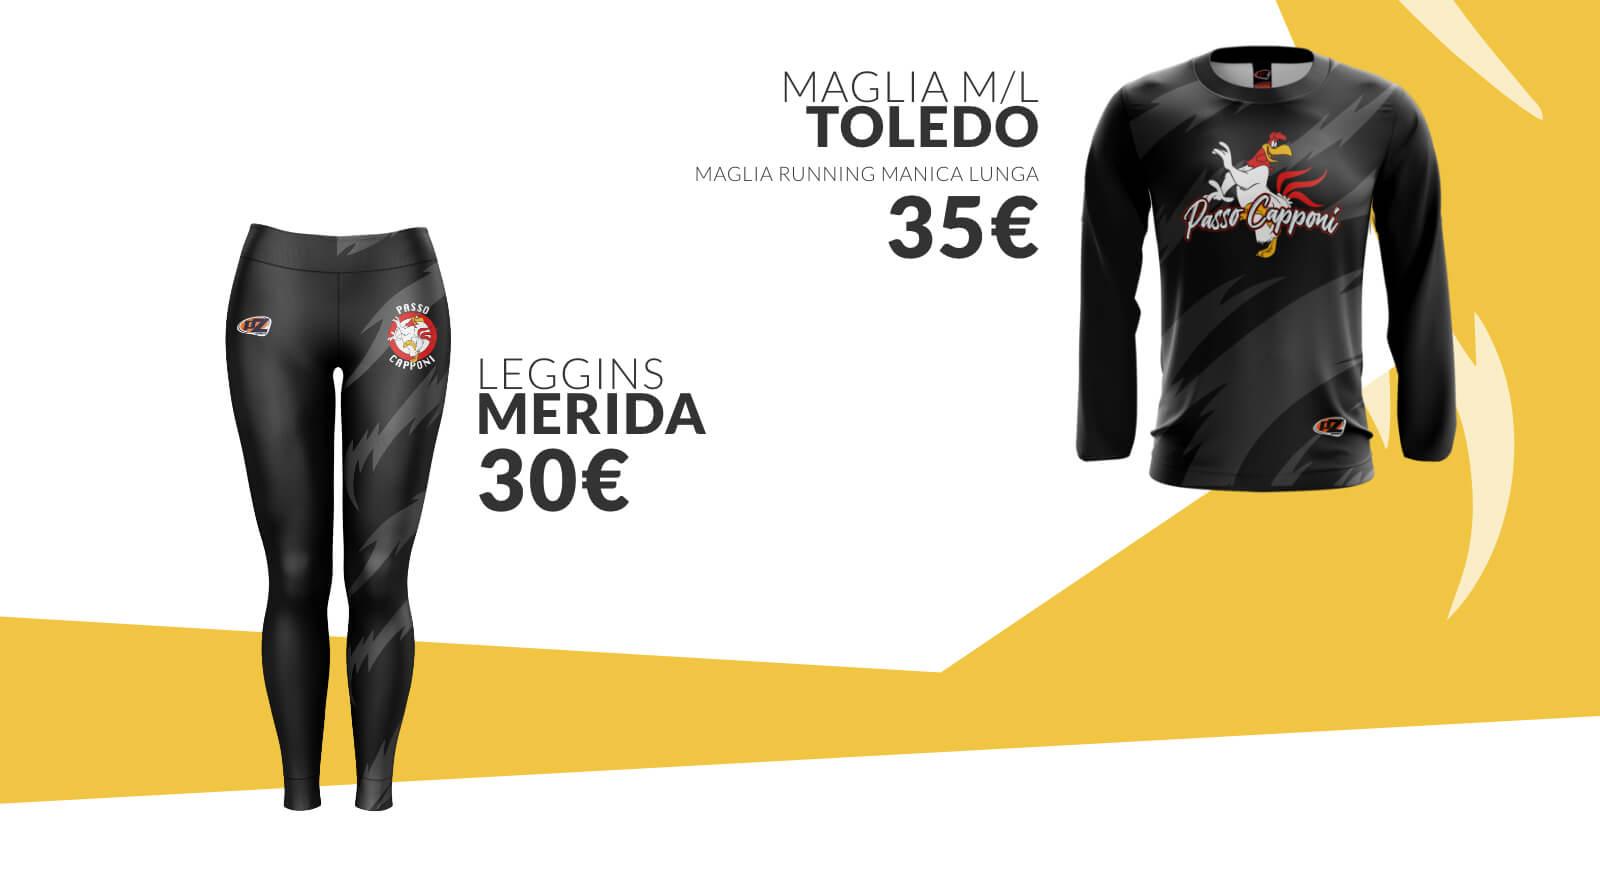 PZ Sport - Passo Capponi: Maglia Toledo, Leggins Merida